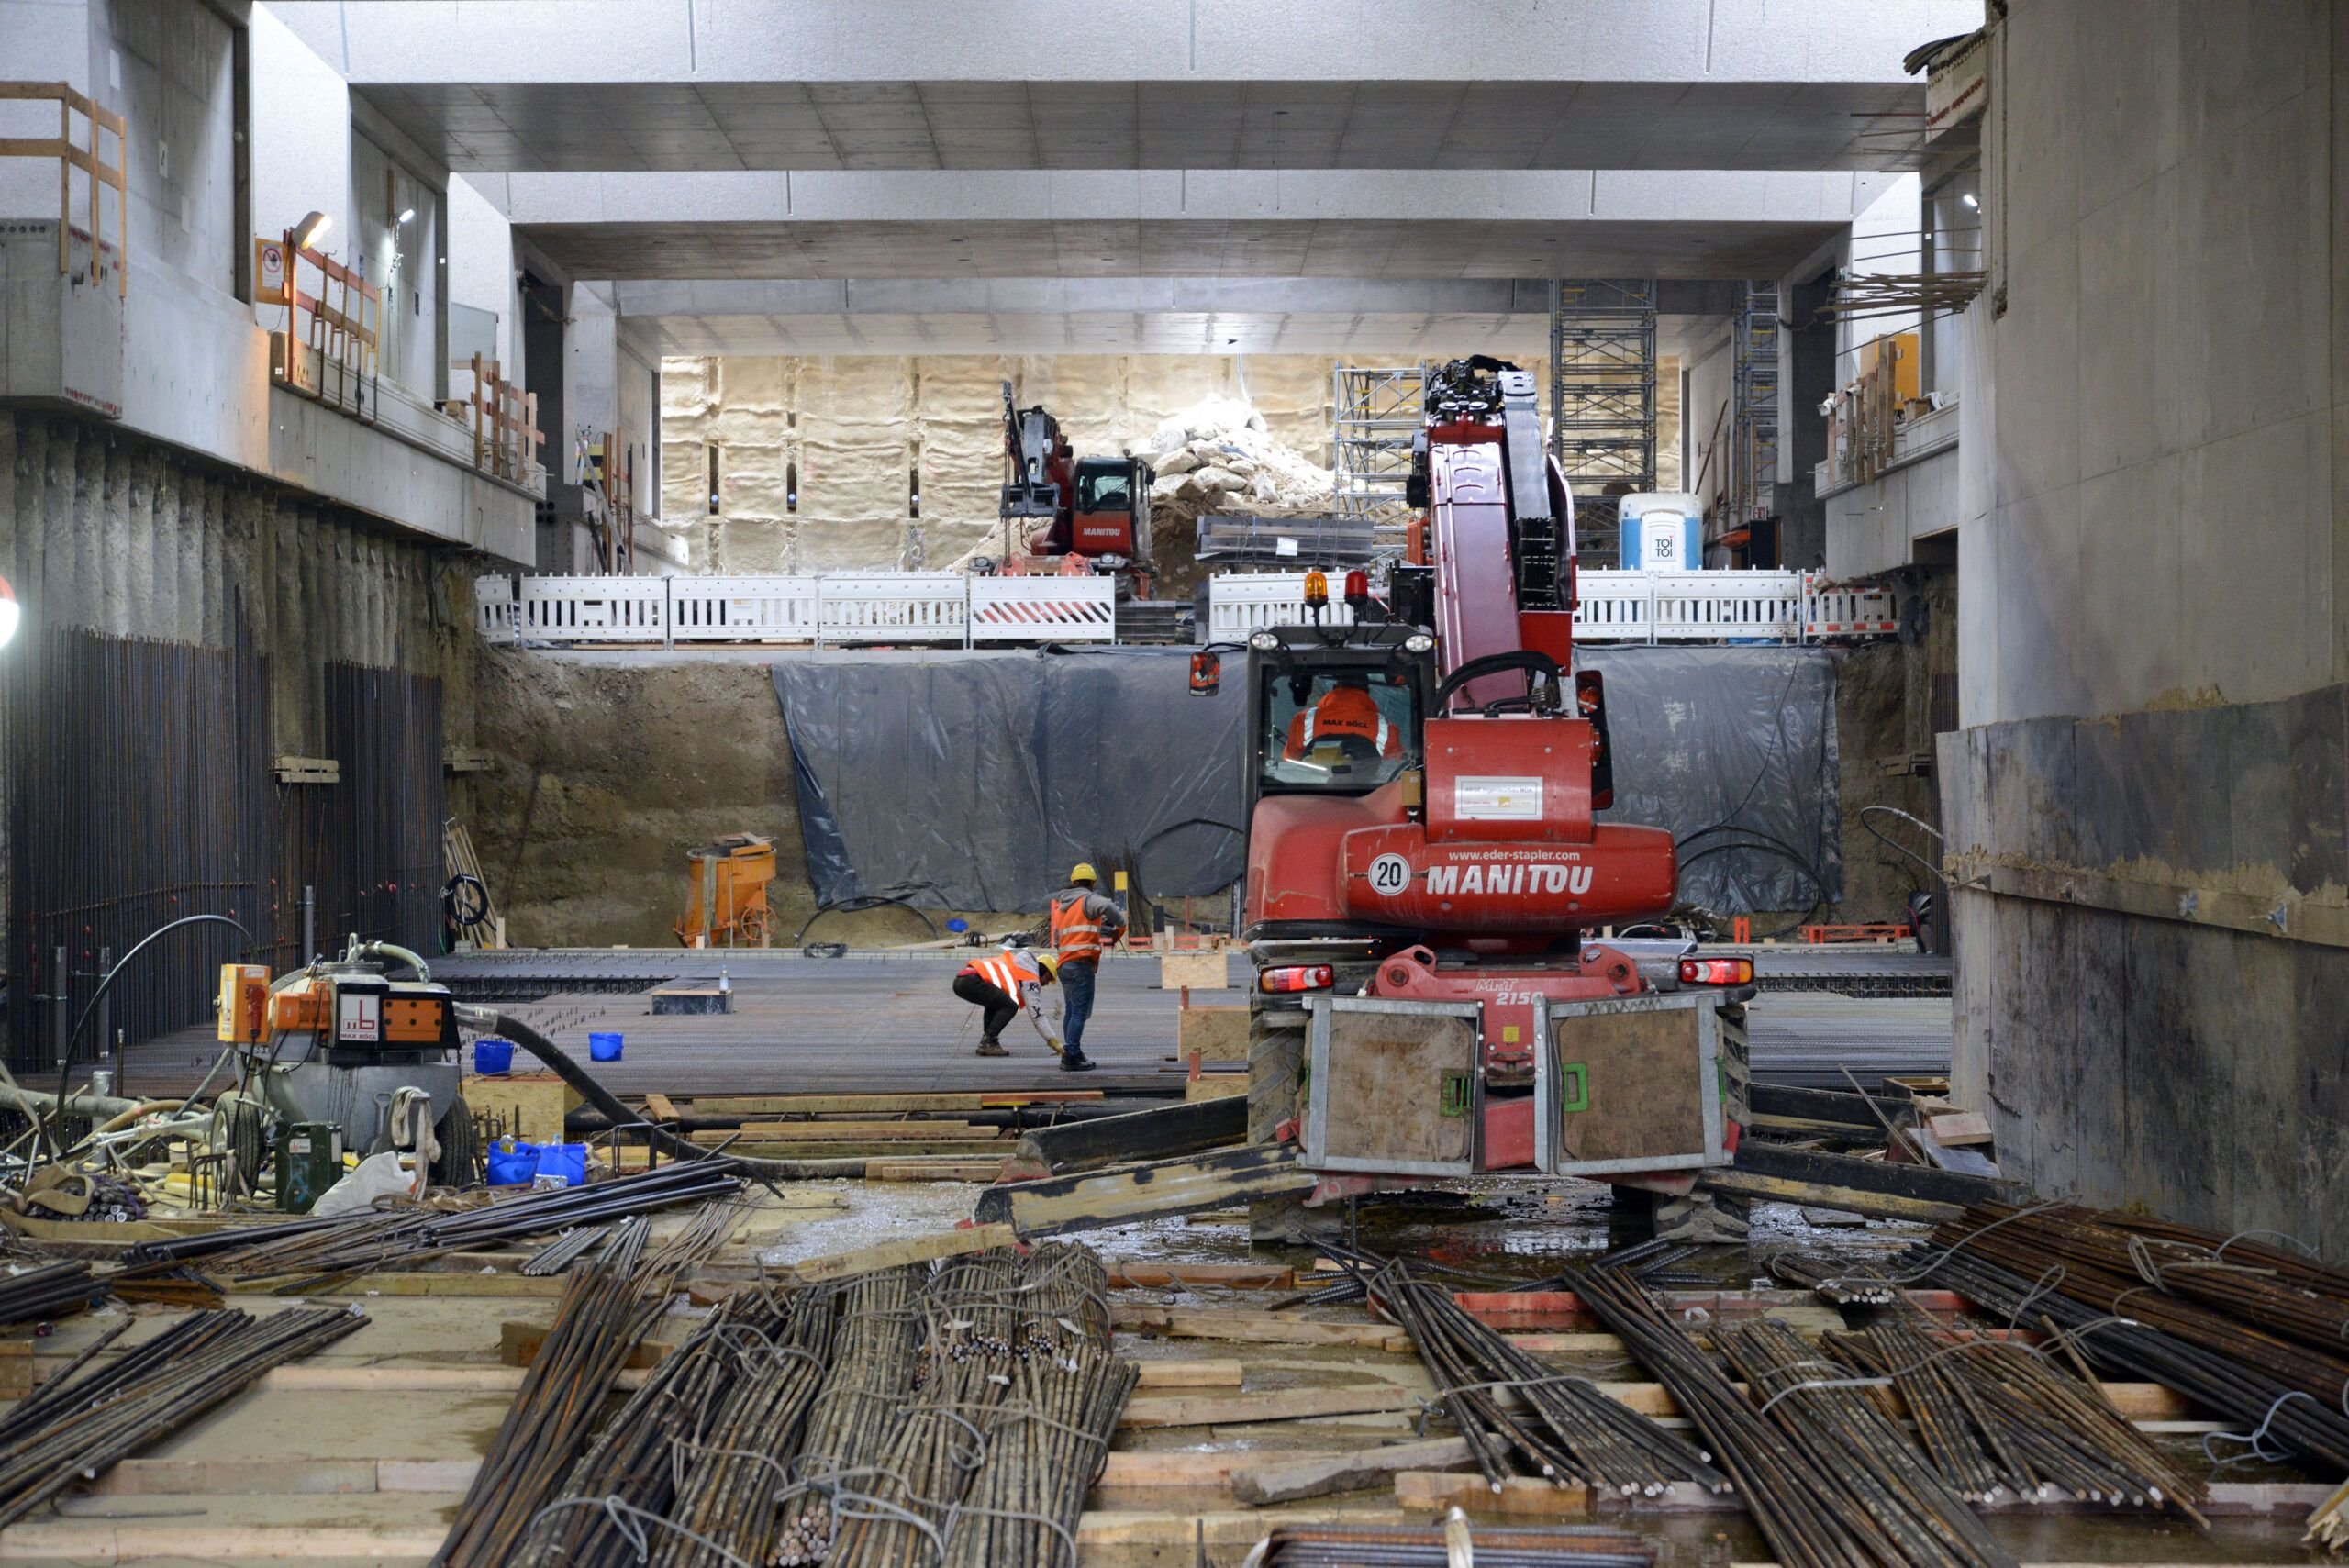 2021 01 15 Hauptbahnhof 2021 1 Scaled